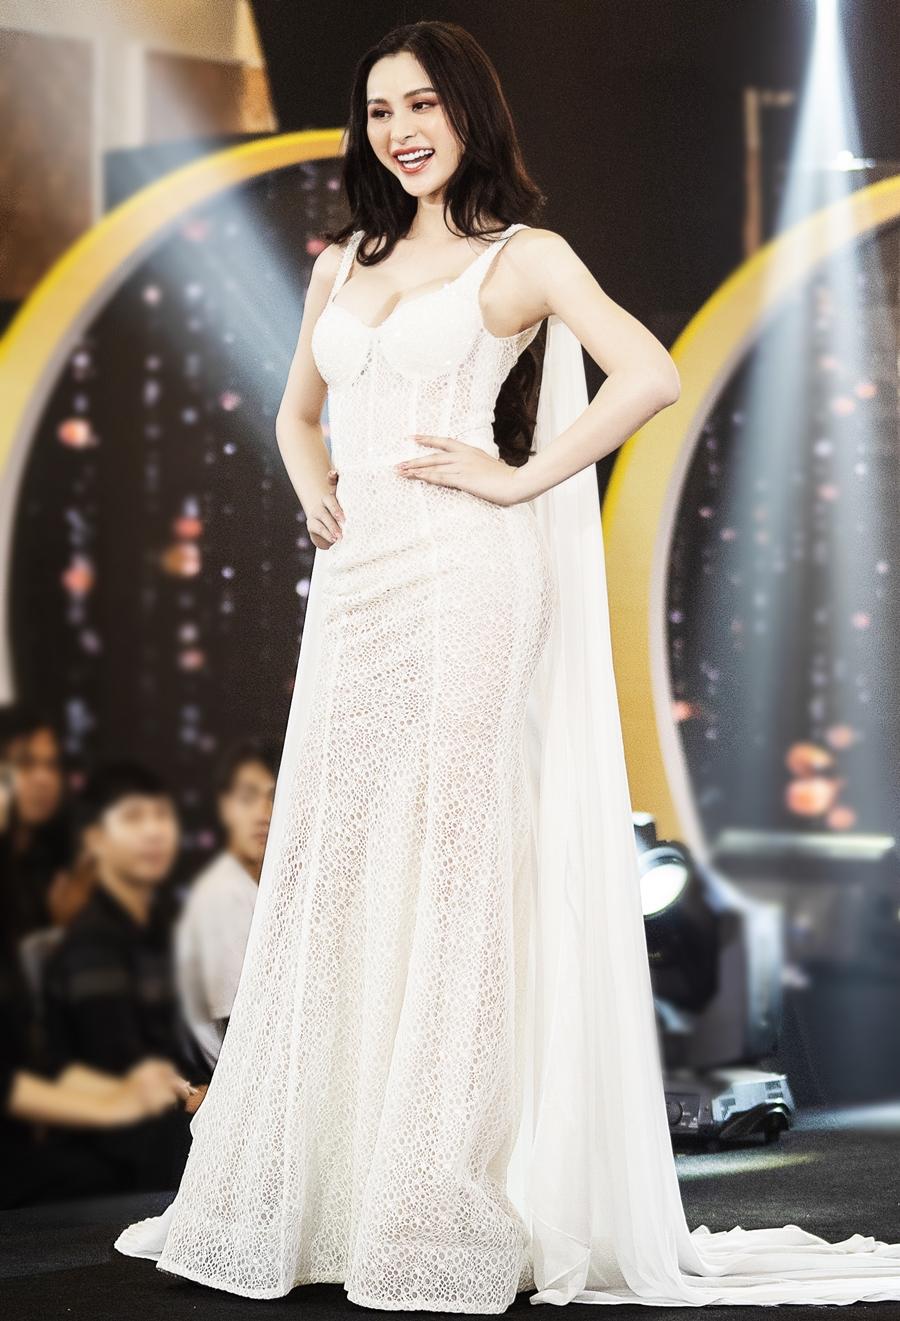 Tường Vi được nhà thiết kế Adrian Anh Tuấn khen chọn trang phục thông minh, tôn hình thể. Cô năm nay 23 tuổi, quê Đăk Nông. Cô cao 1,66 m, số đo 83-60-92 cm. Cô được ban giám khảo, nhiều khán giả khen đẹp nhất cuộc thi năm nay.